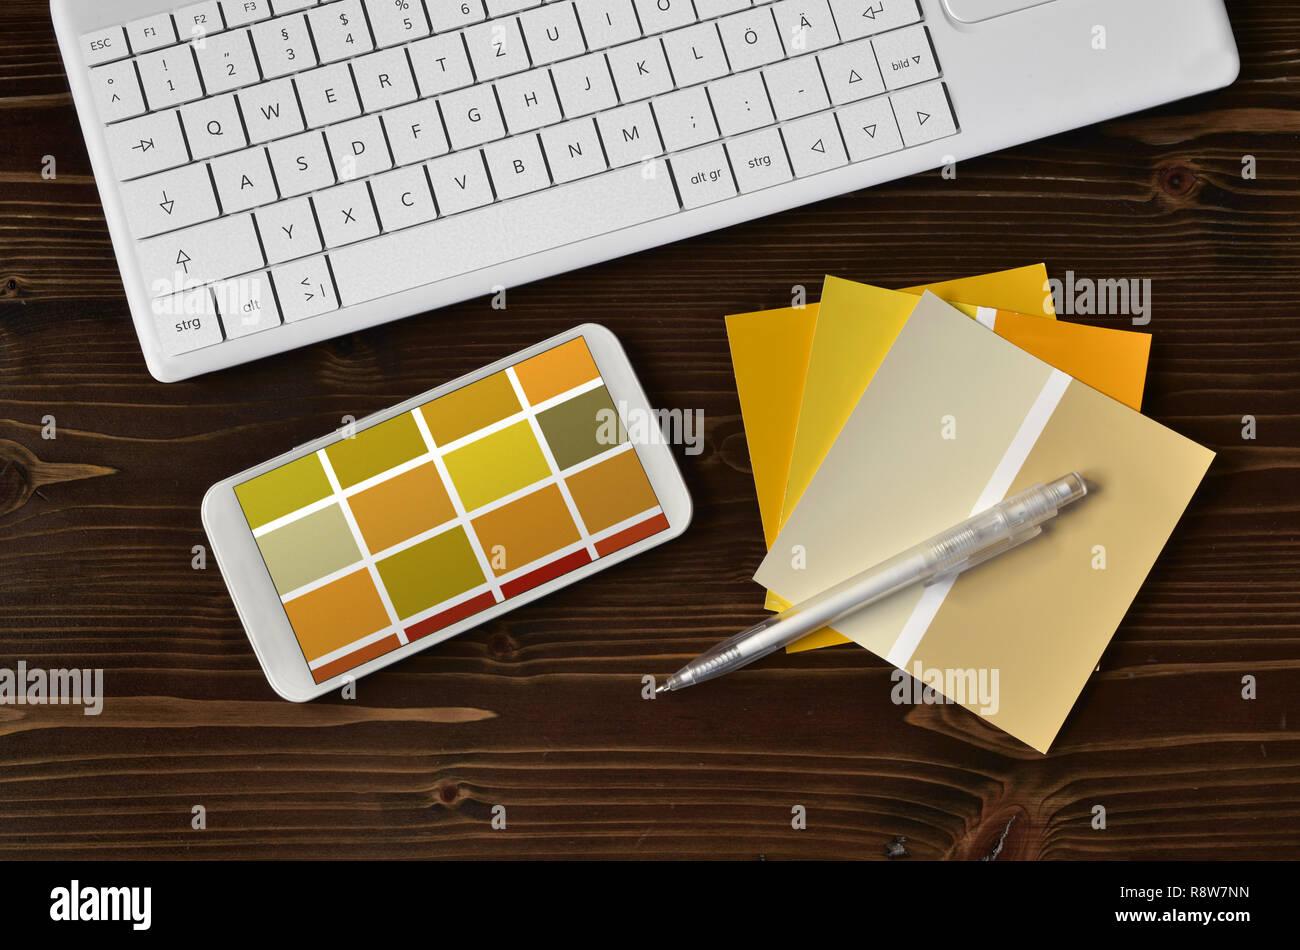 Color samples cmyk on black keyboard mobile - Stock Image